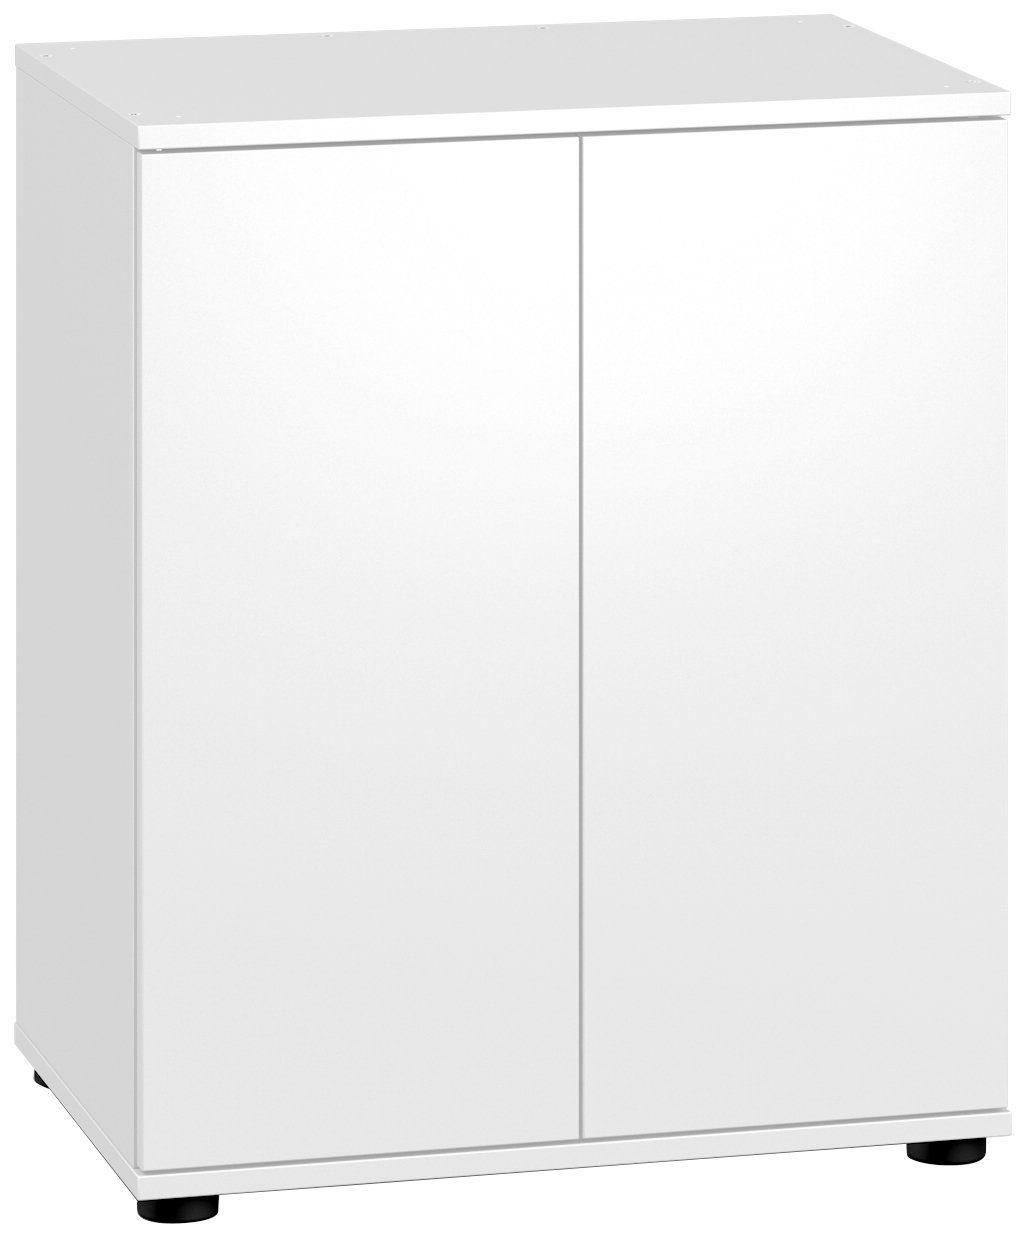 Juwel Aquarien Aquarien-Unterschrank »SBX Lido 120«, BxTxH: 61x41x73 cm, weiß